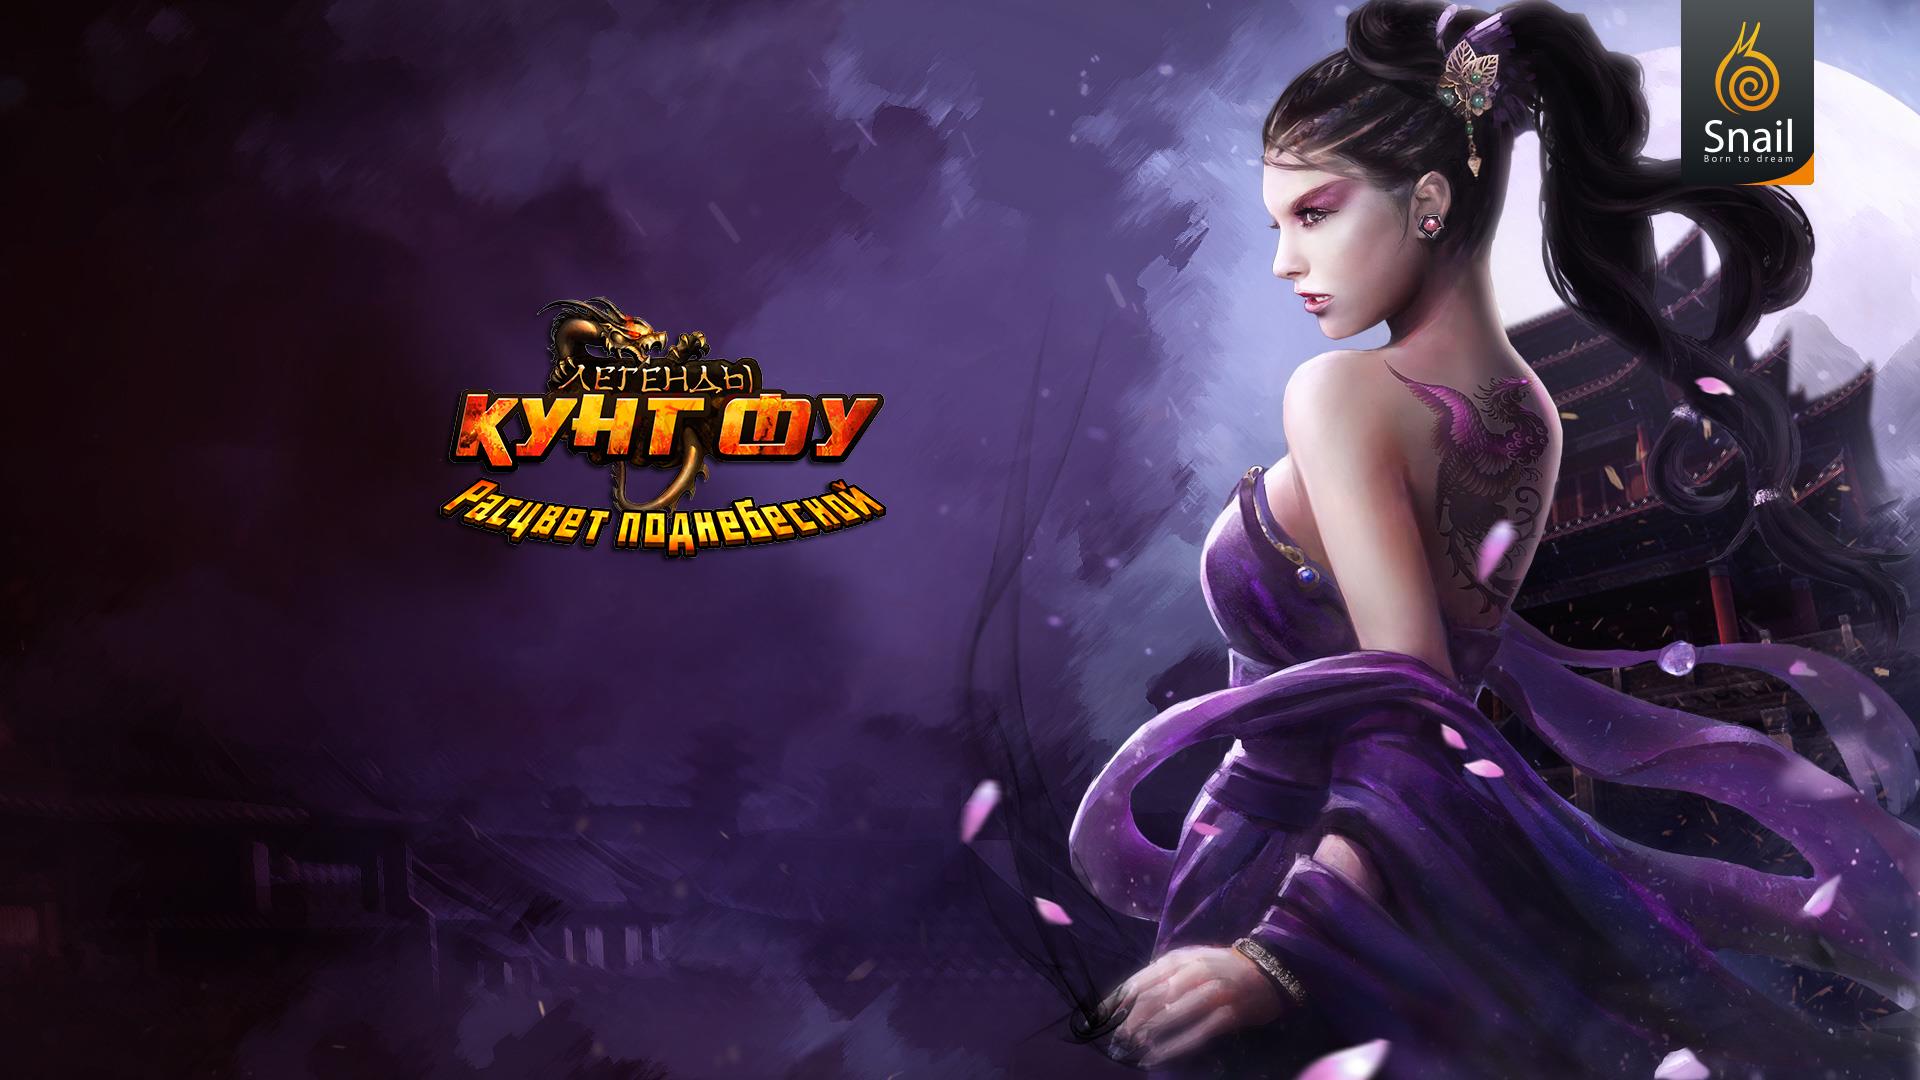 Легенды Кунг Фу: Анонс – Расцвет поднебесной - Изображение 1